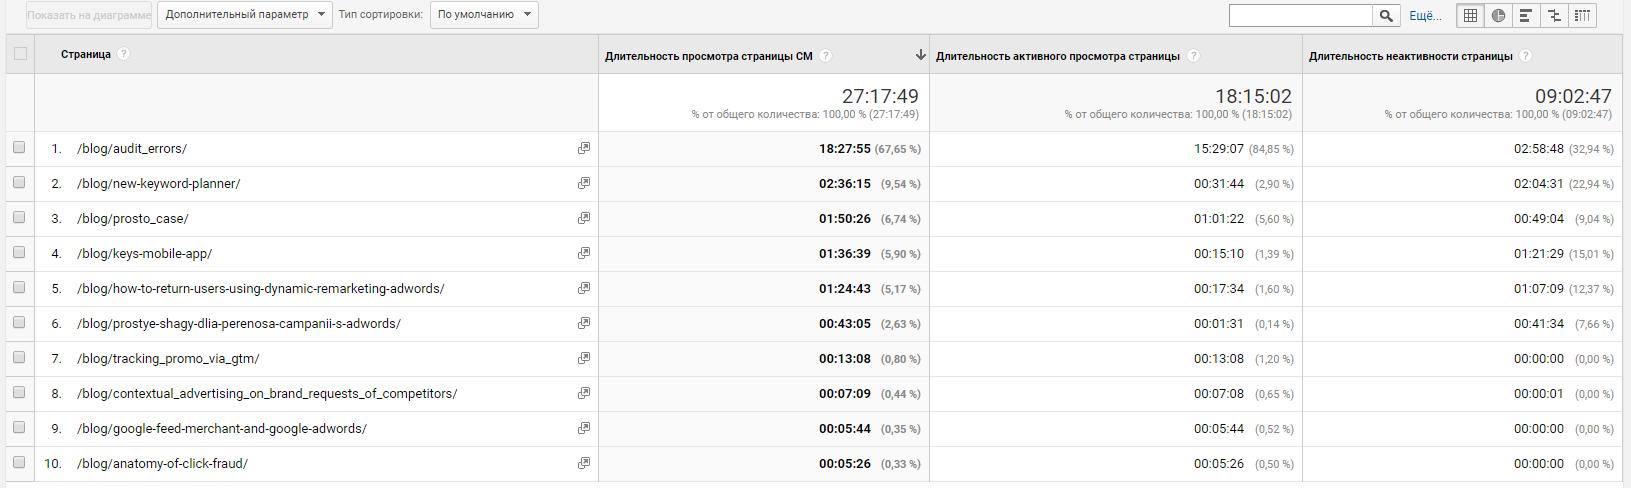 Пользовательский отчет с пользовательскими показателями гугл аналитики